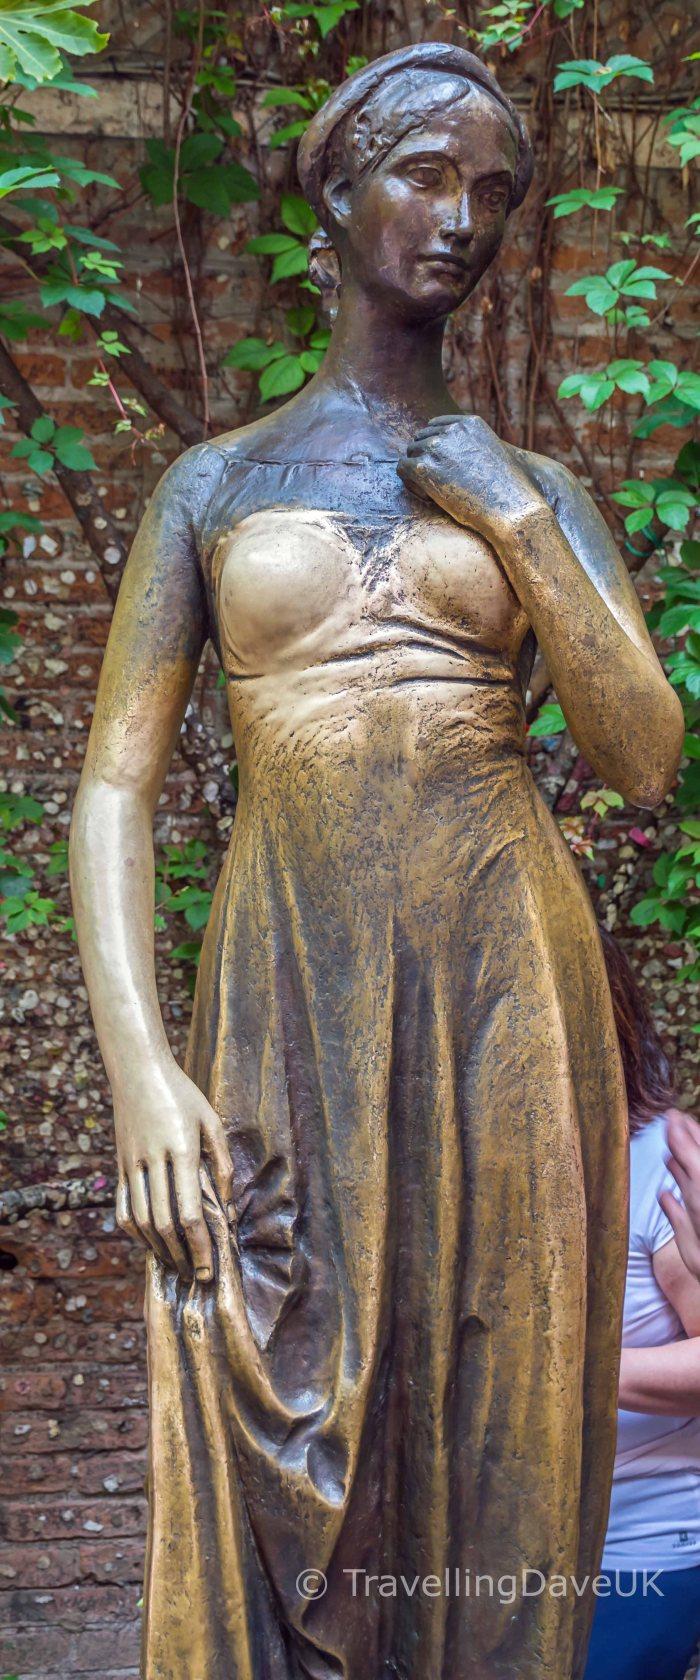 Bronze statue of Juliet in Verona